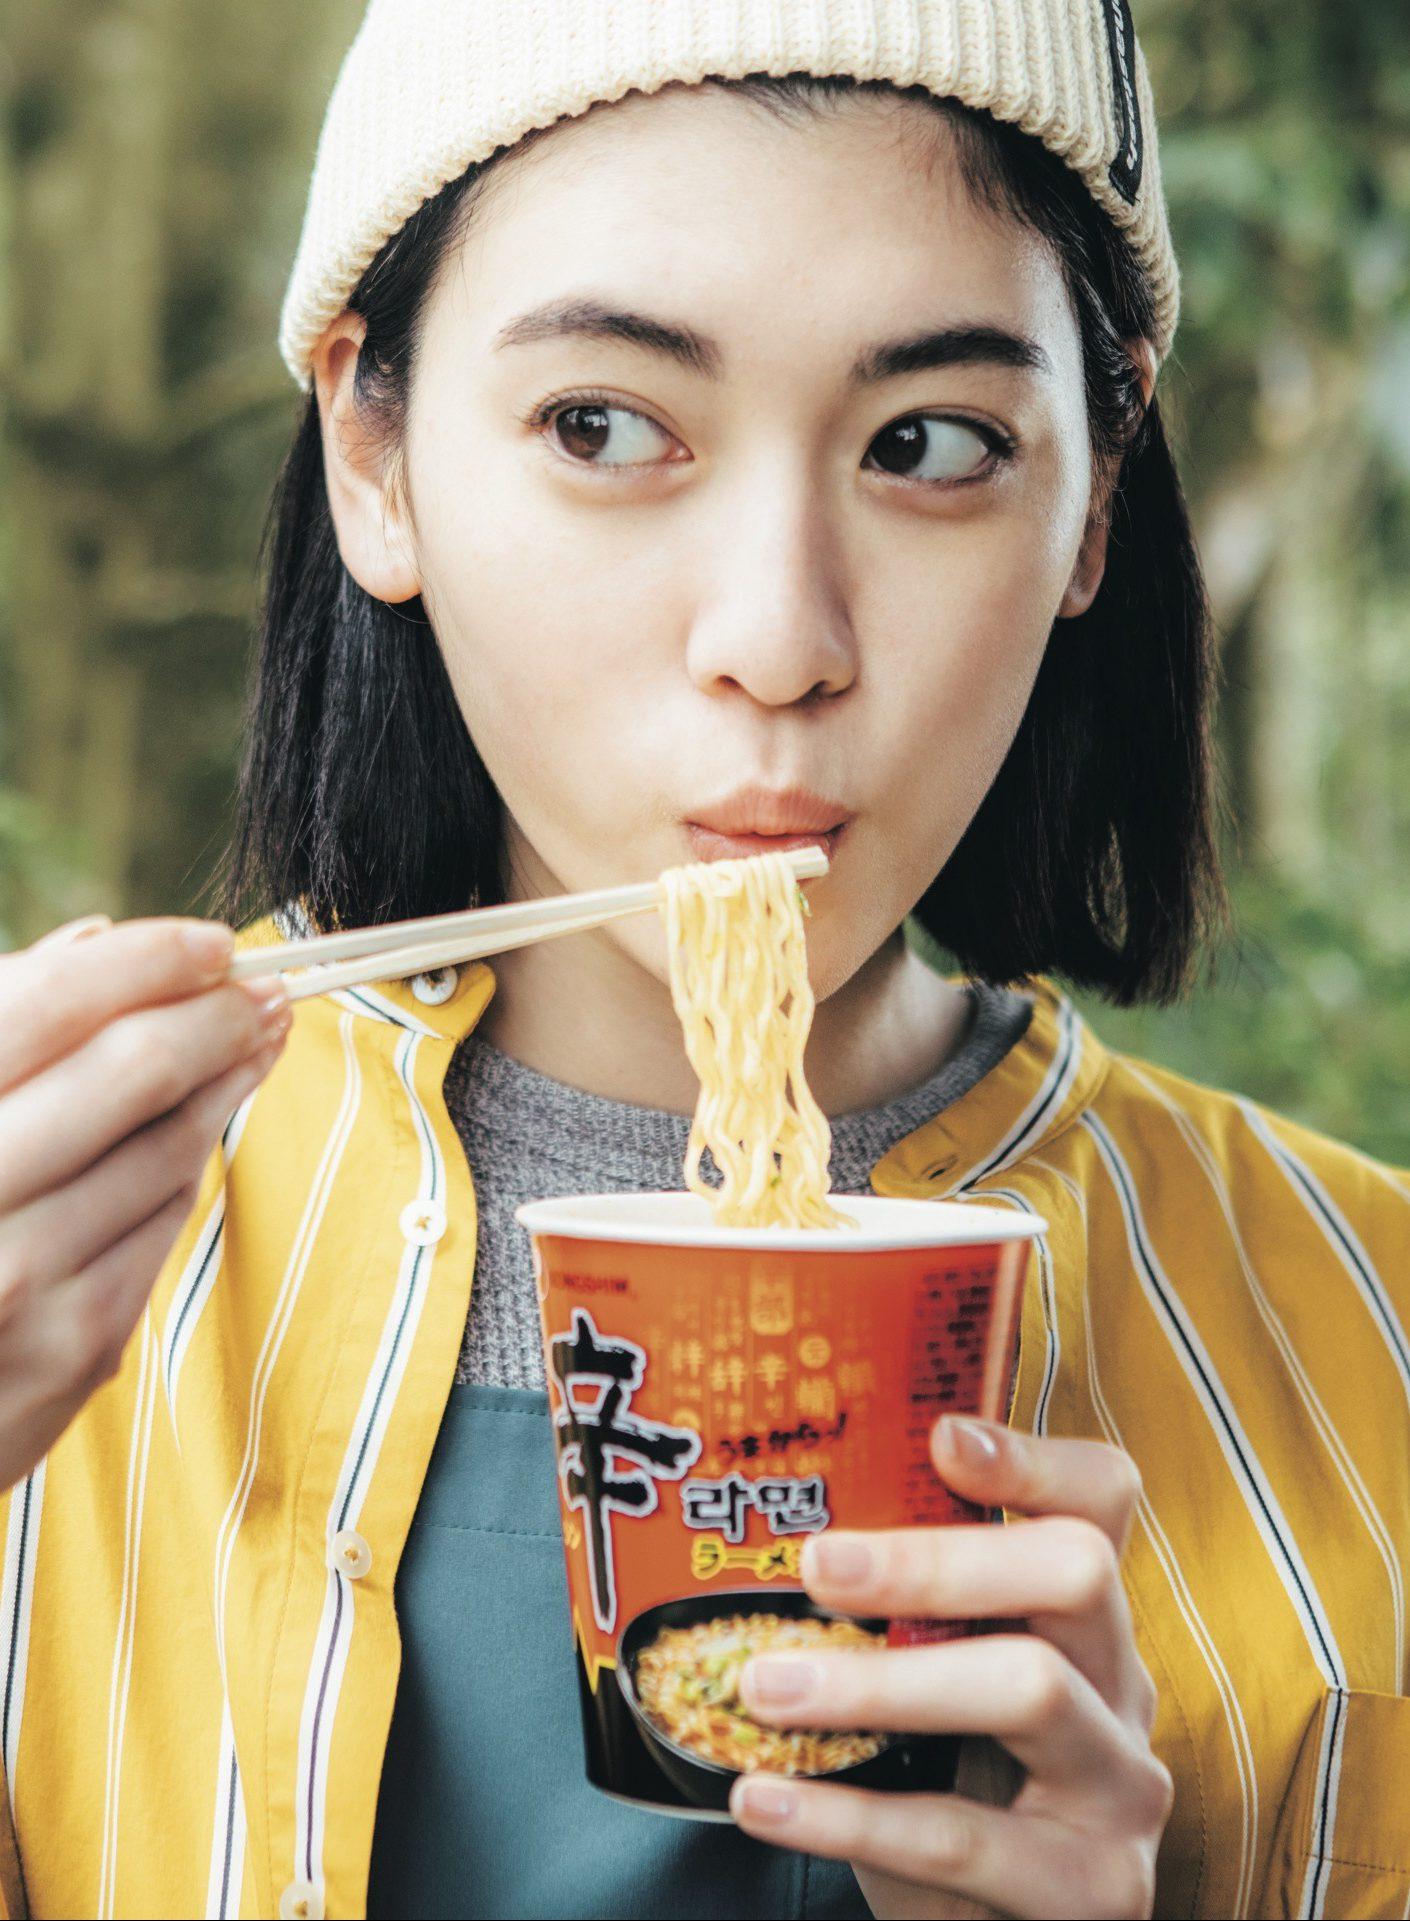 韓国の人気商品「辛ラーメン」と三吉彩花が、バァフアウト!にてコラボレーション